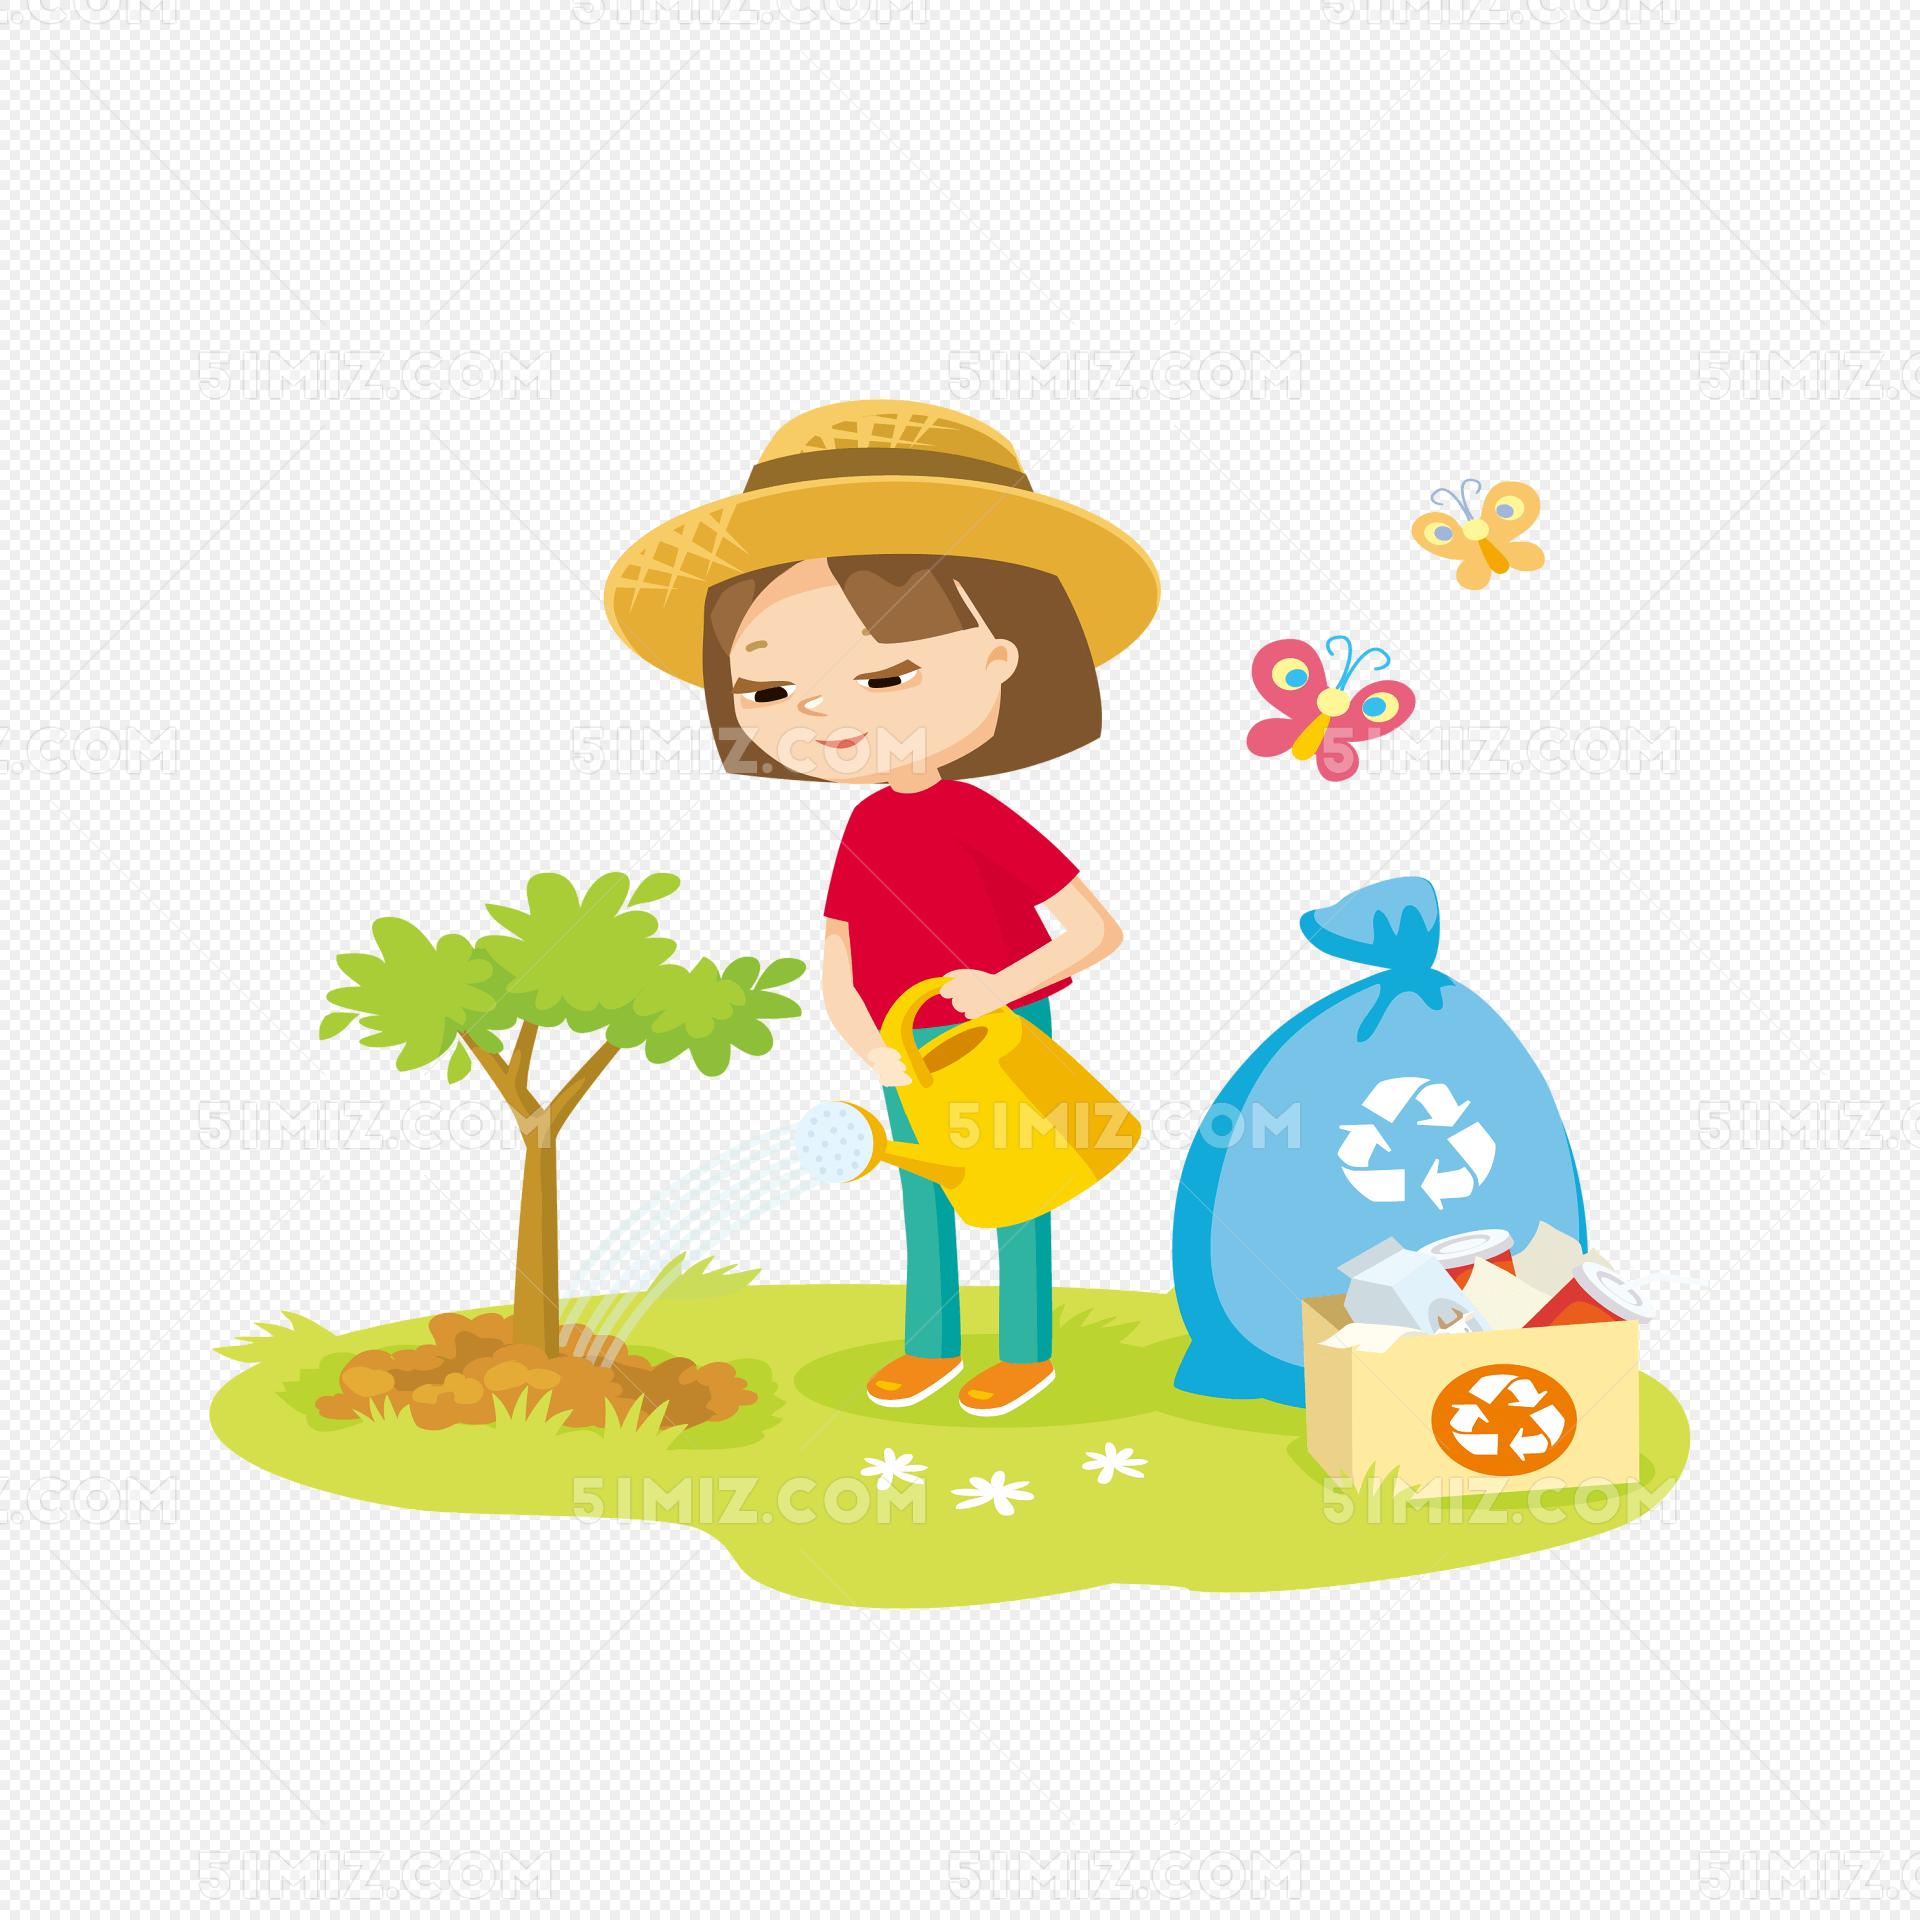 卡通人物浇花图片_卡通小女孩浇花种树植树节素材免费下载_觅知网